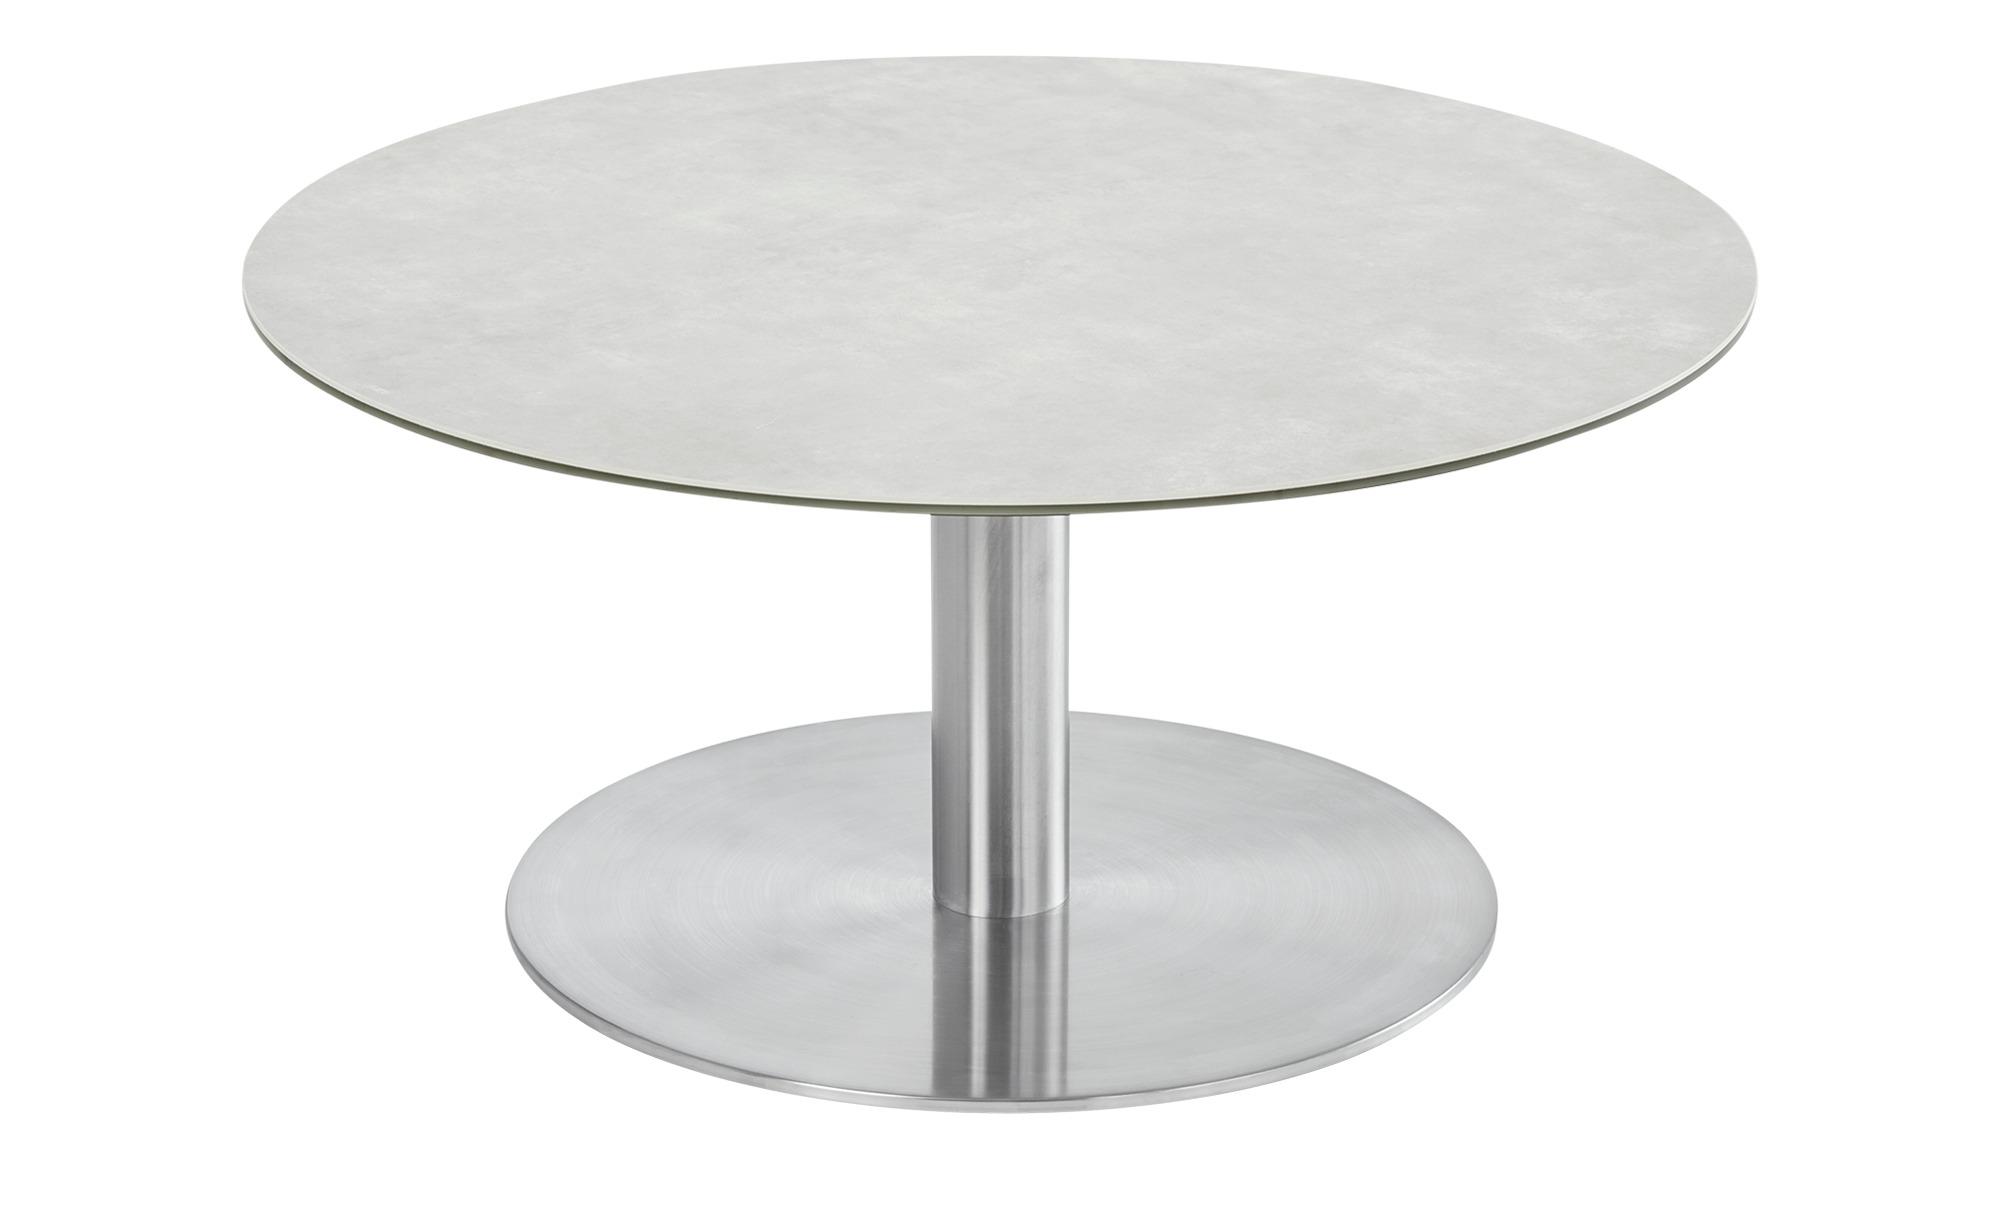 Couchtisch  Dilara ¦ silber ¦ Maße (cm): H: 38 Ø: 80 Tische > Couchtische > Couchtische rund - Höffner